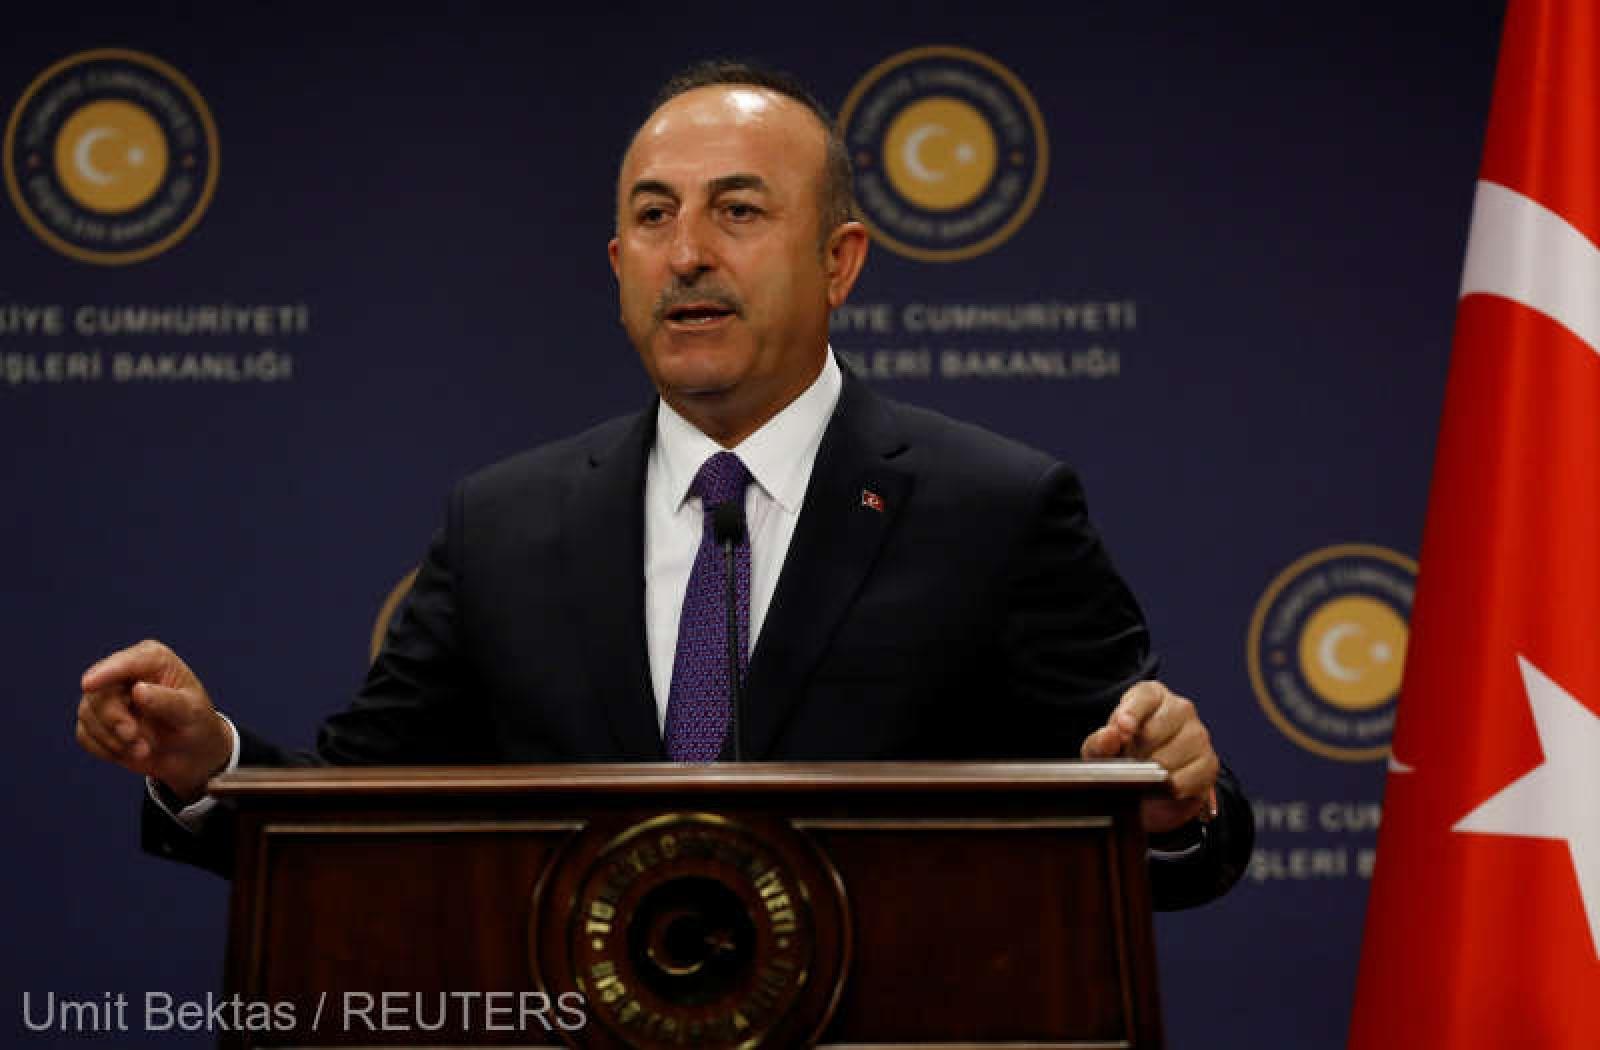 Ministrul turc de externe: Relaţiile Turciei cu Rusia sunt prea puternice ca să le rupă Macron